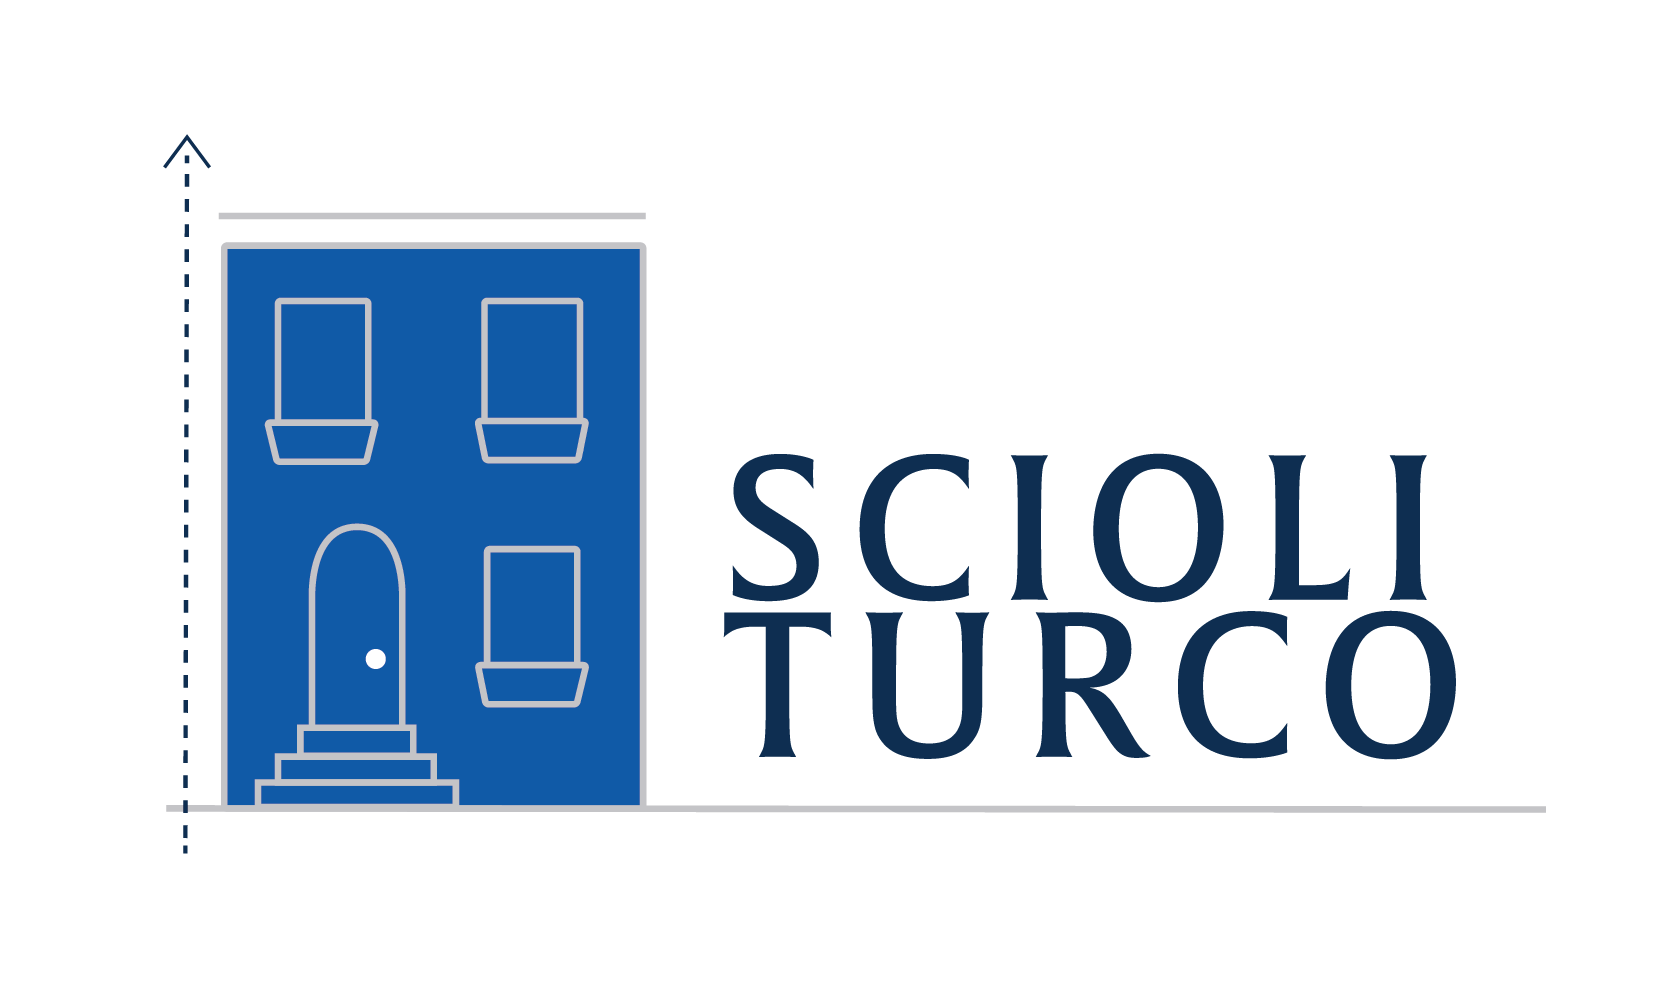 Scioli Turco